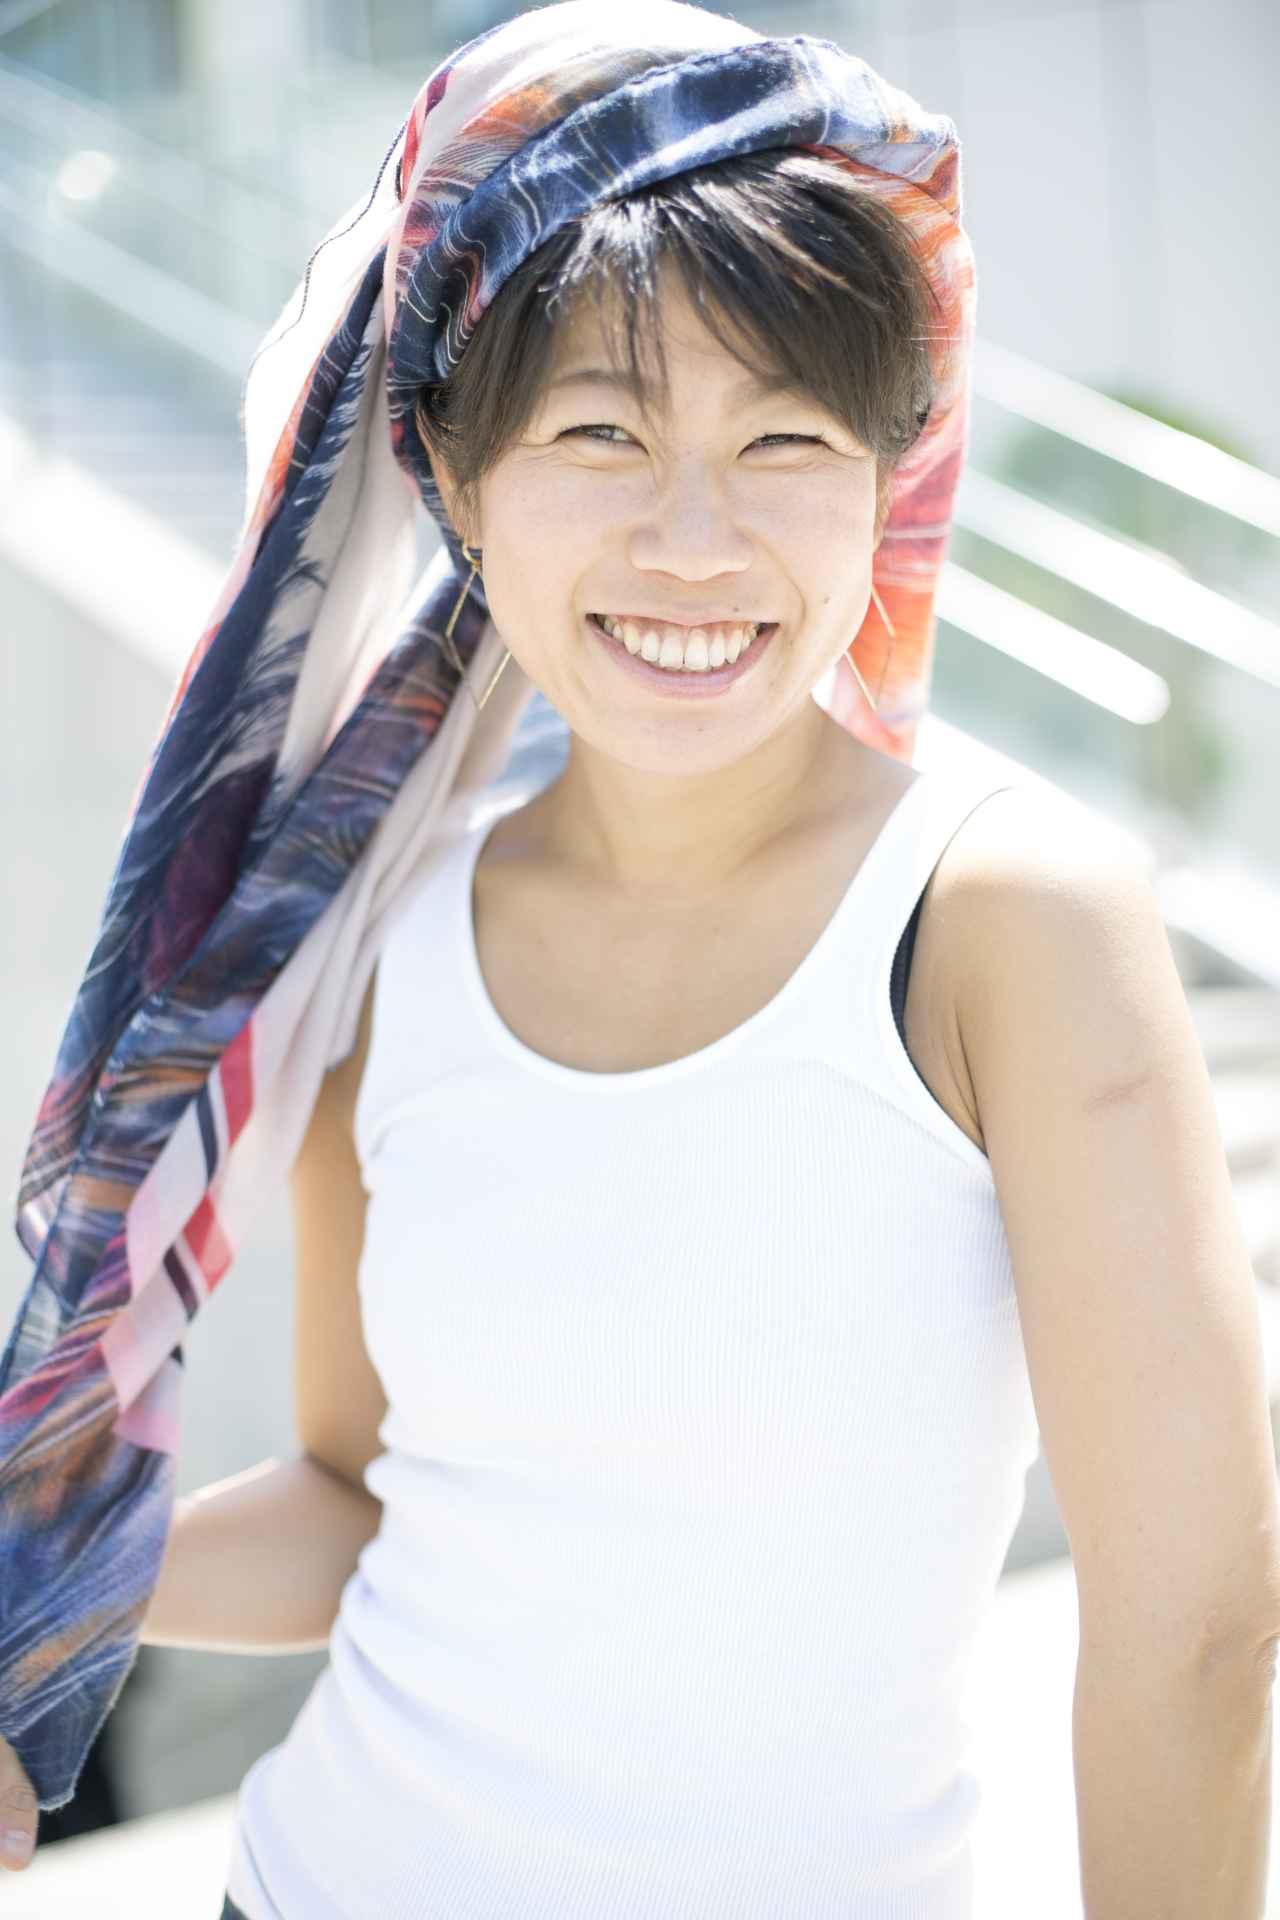 画像: 奈良県飛鳥出身、東京都在住。大阪芸術大学写真学科在学中、アジアの国々を訪れるうちに暮らしの中に存在する宗教、文化そして人間に惹かれ、特にインドネシアのバリ島に魅了された。卒業後にウェディングフォトグラファーとして約3年間バリ島に在住。帰国後も作品制作を継続中。 www.makishimada.com